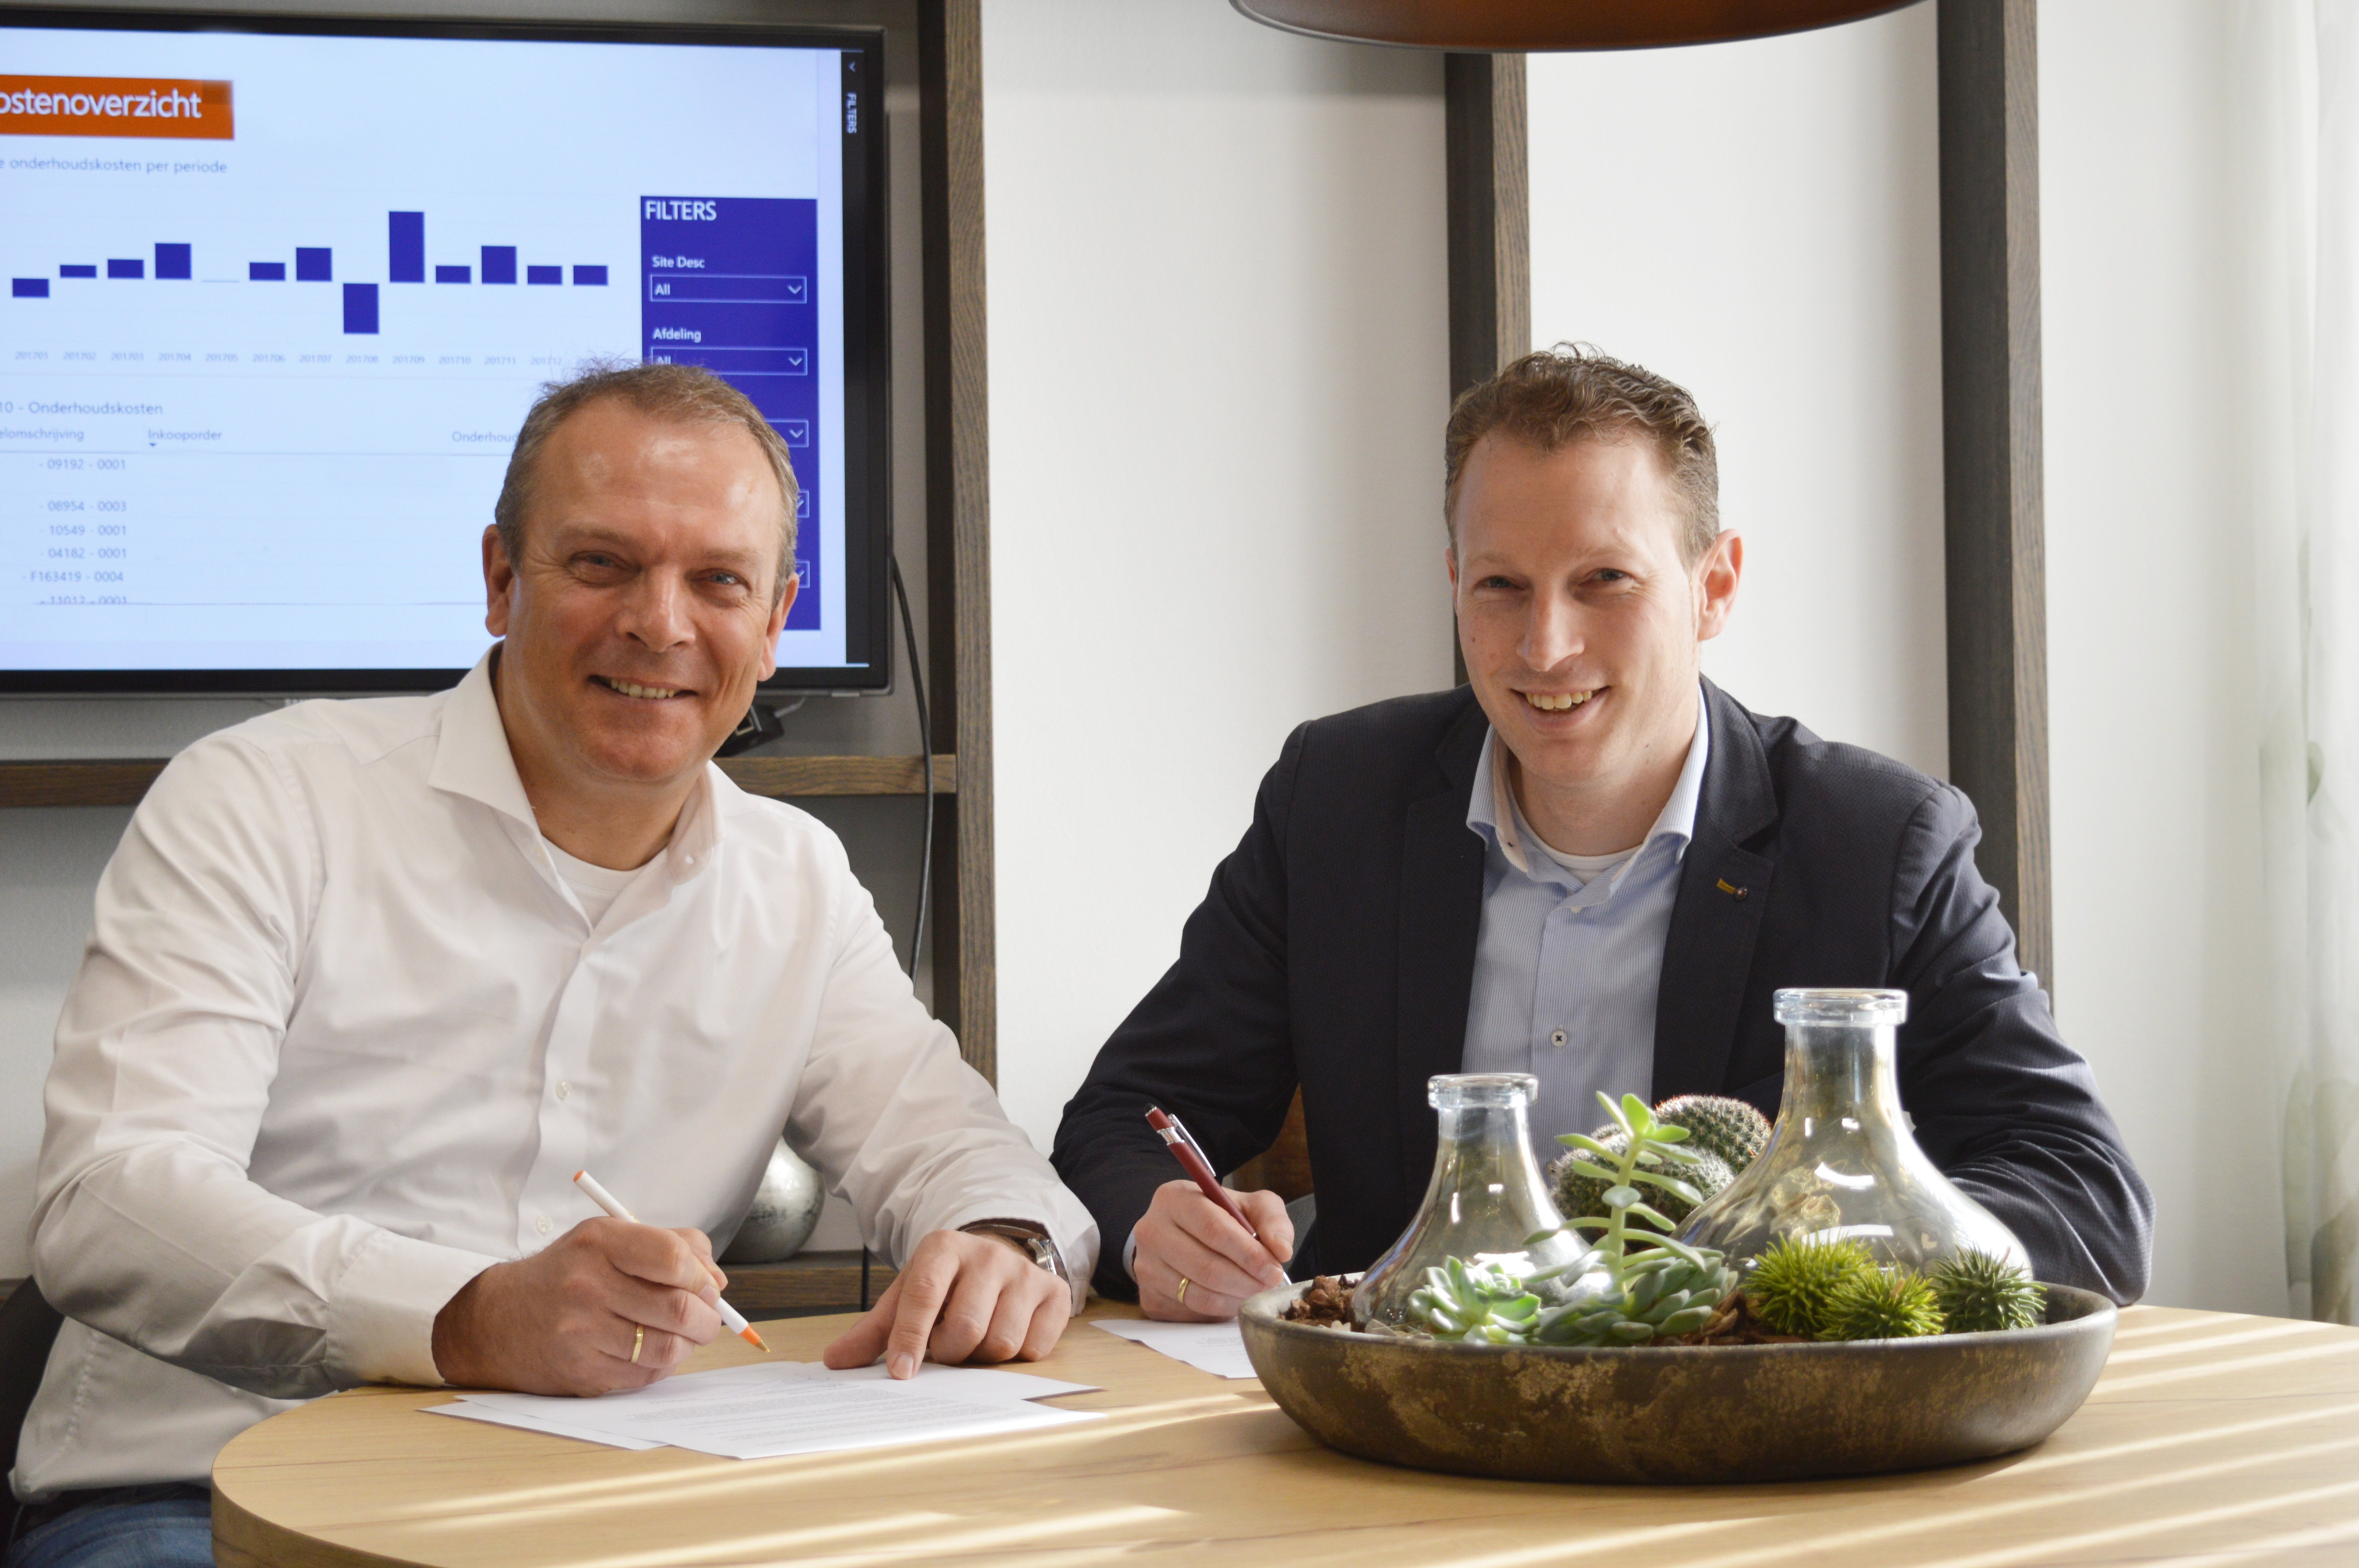 Gerrit Valkenburg van SforSoftware en Klaas Mollema van Hillstar tekenen een samenwerkingsovereenkomst-2